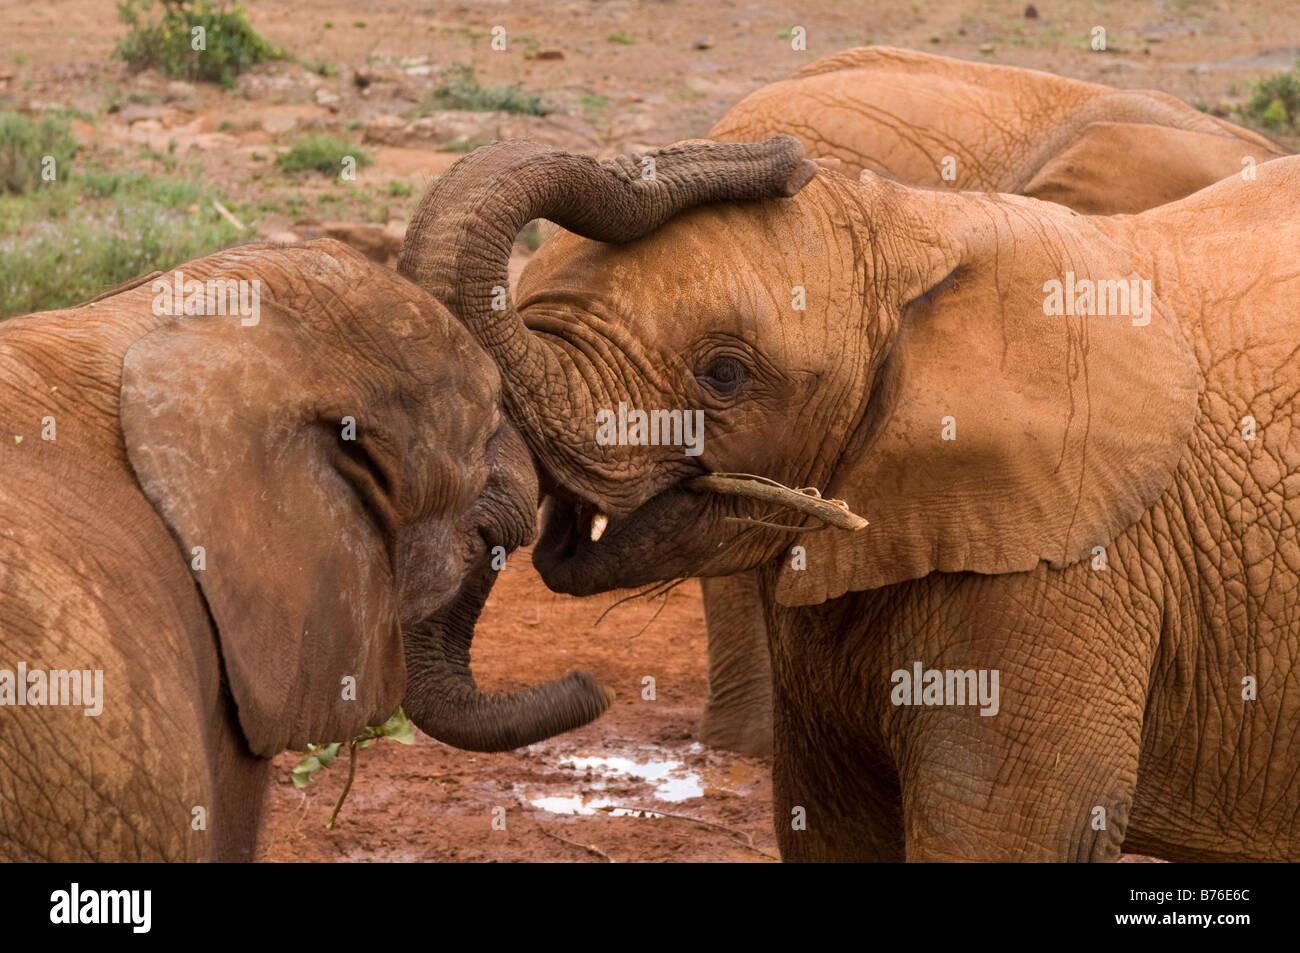 David Sheldrick Wildlife Trust orphelinat des éléphants Nairobi Kenya Photo Stock